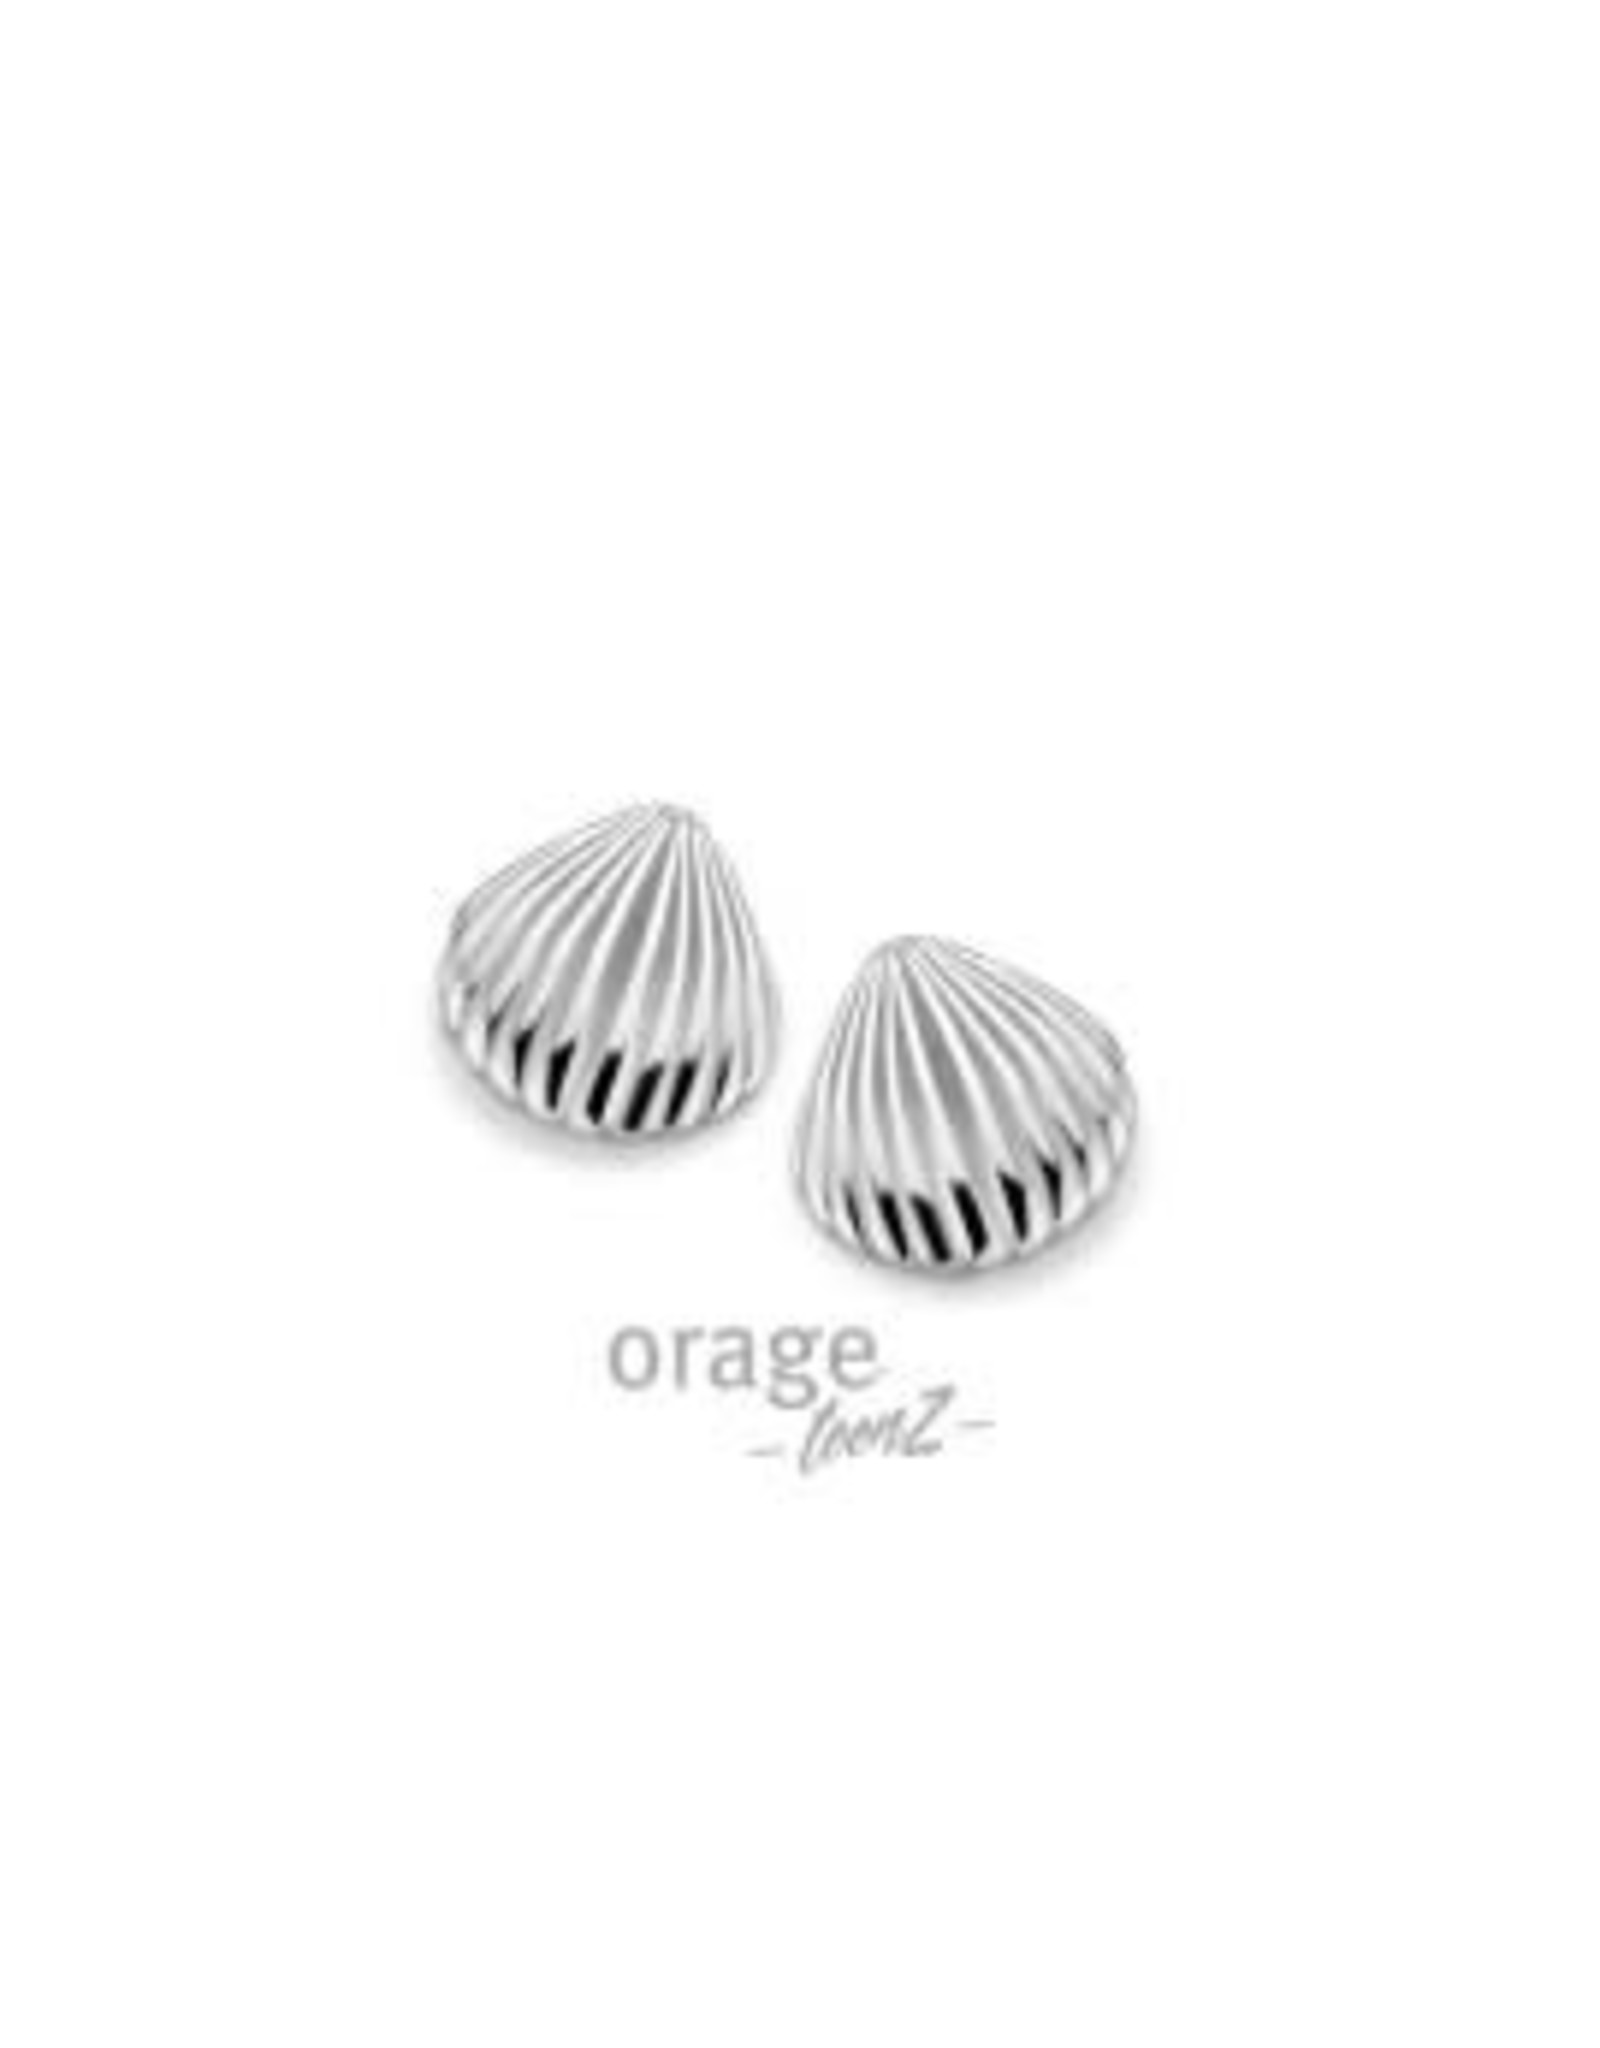 Orage Teenz Oorbellen Orage Teenz T422 Schelp Zilver